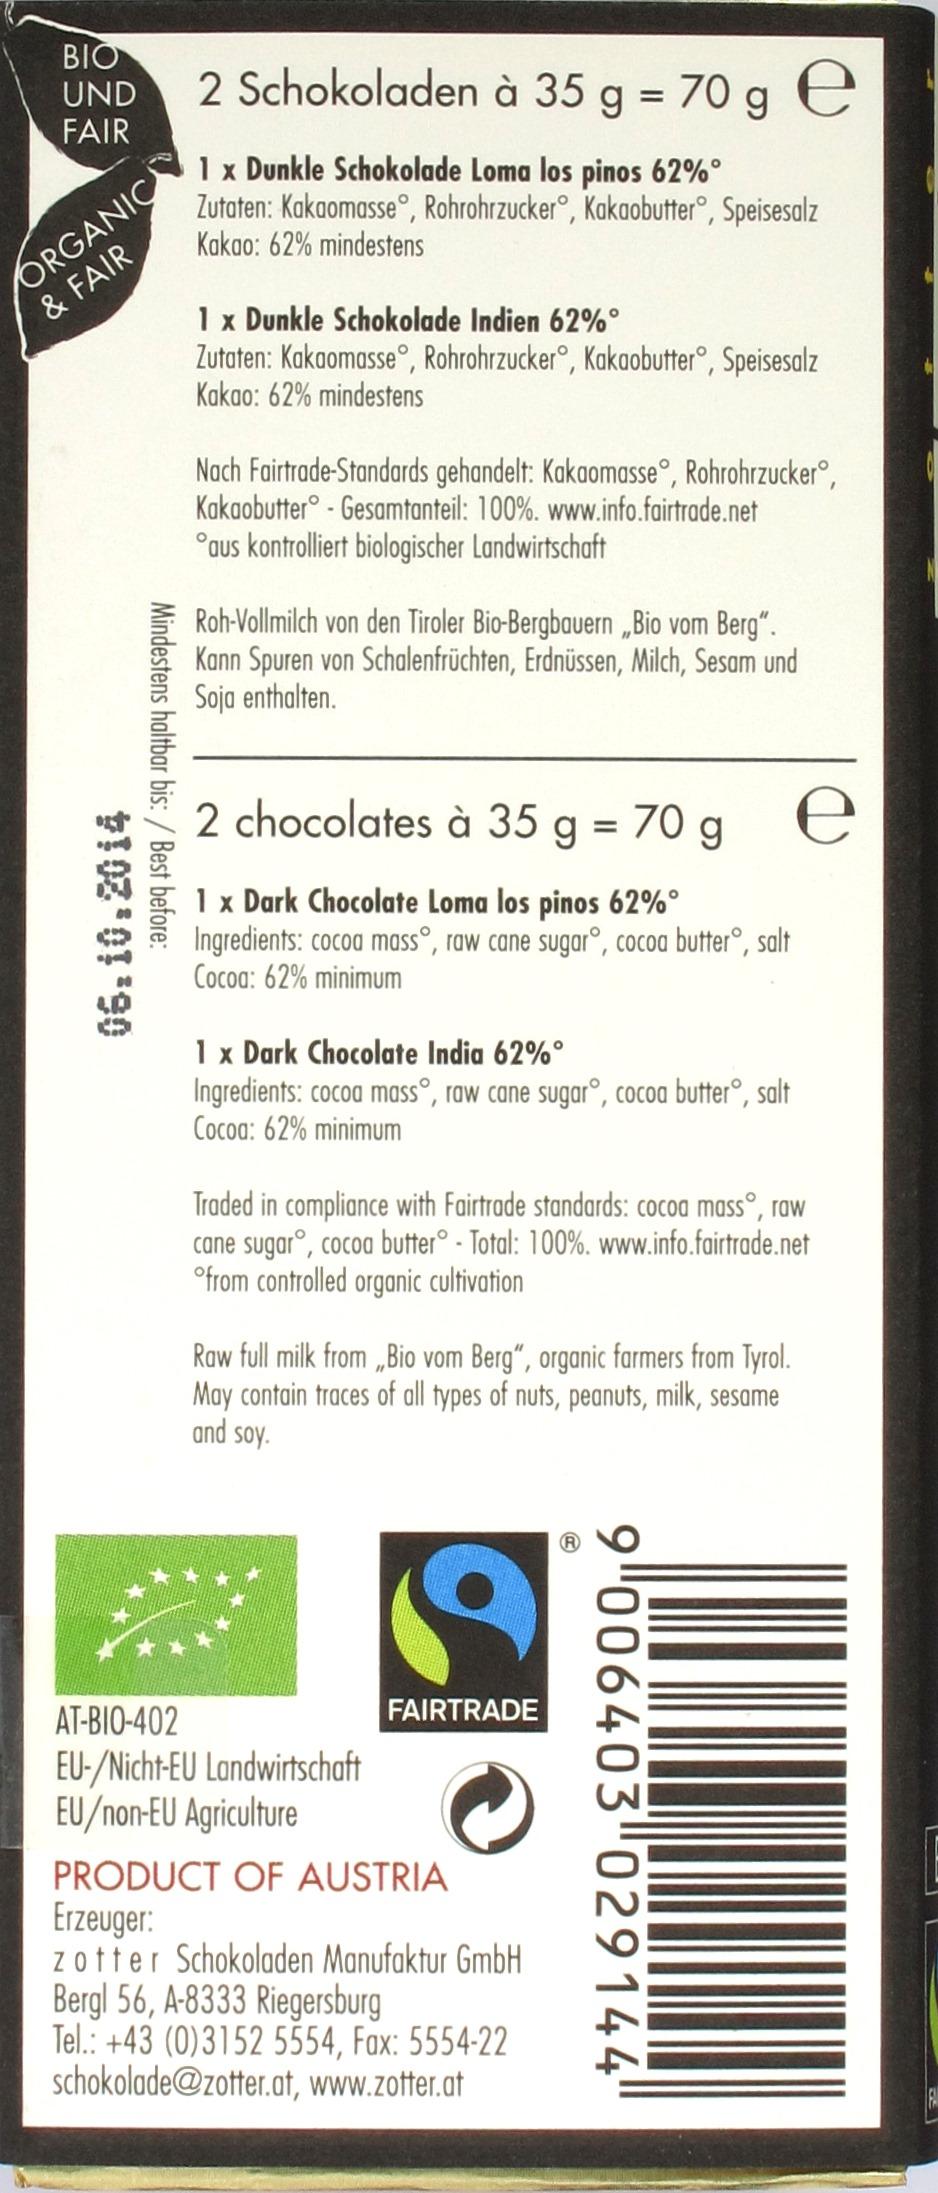 Umschlag und Inhaltsangaben der Zotter-Sorten Loma Los Pinos und Indien, 62% Kakao